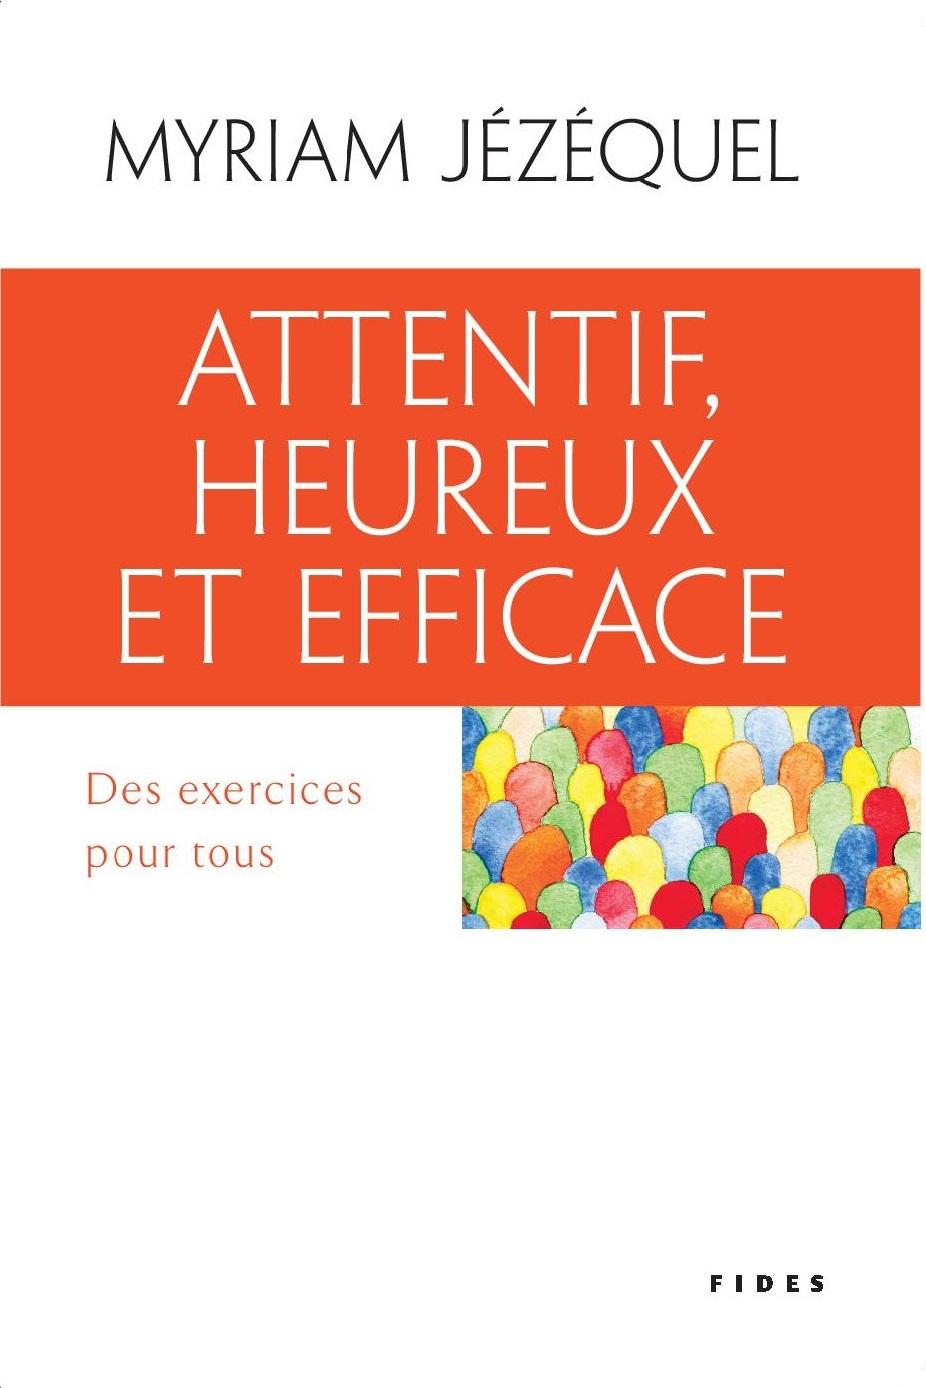 Attentif, heureux et efficace, Des exercices pour tous